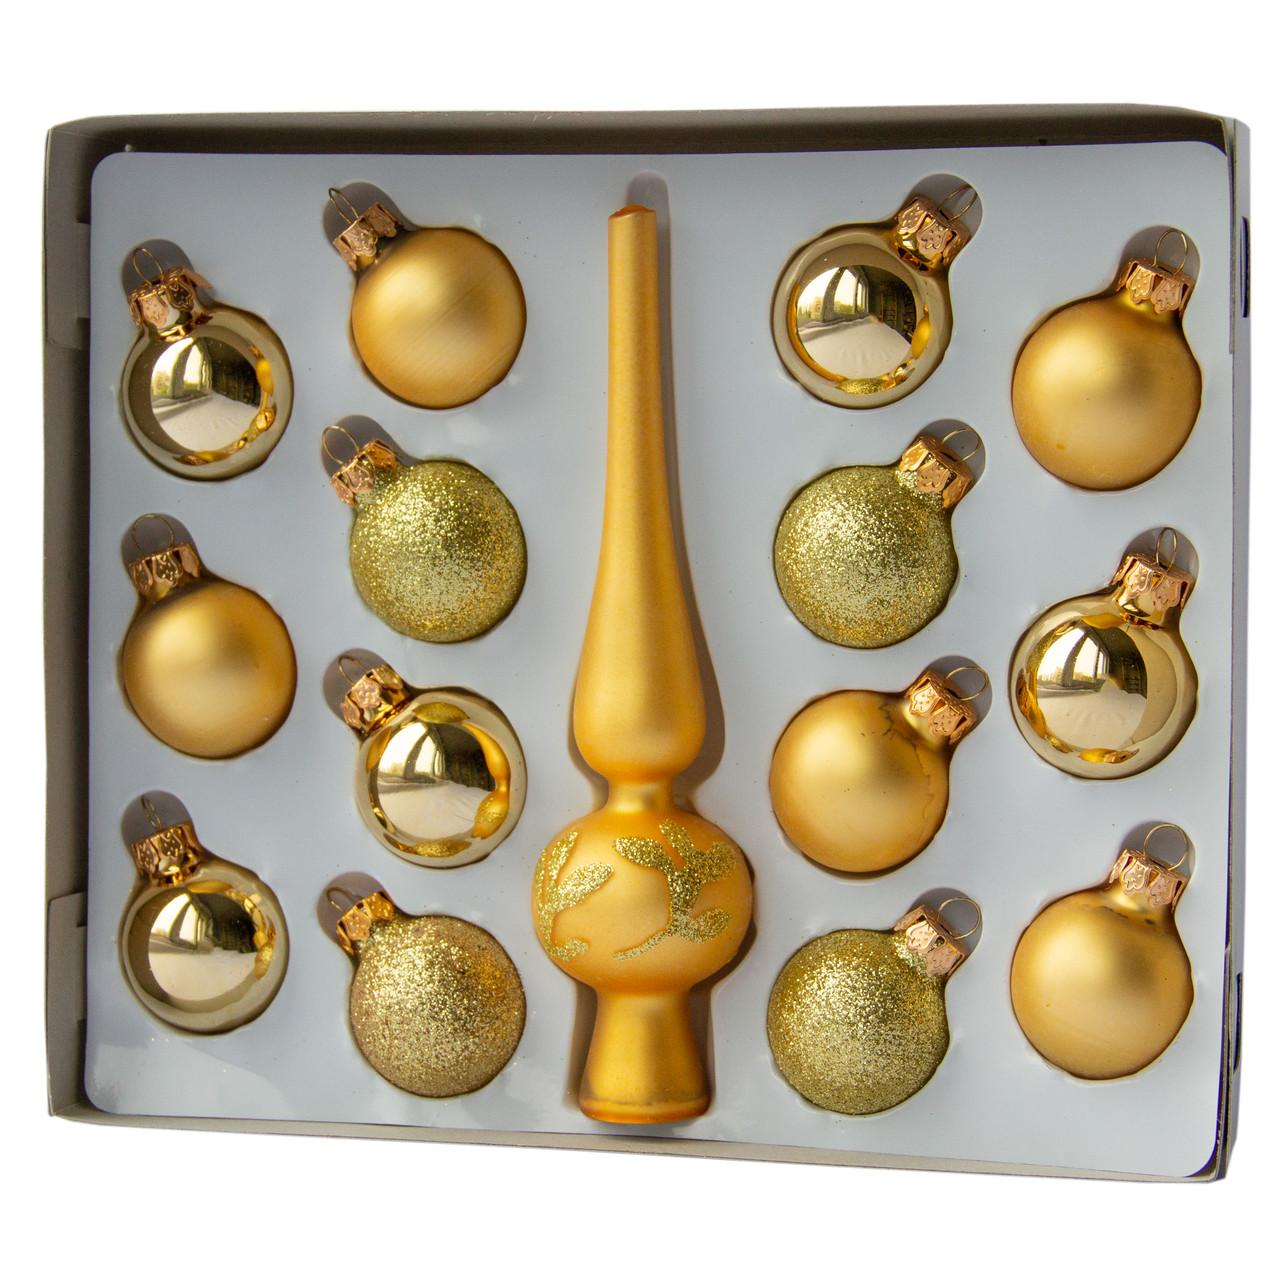 Набор елочных игрушек 15шт., золото (390748-2)